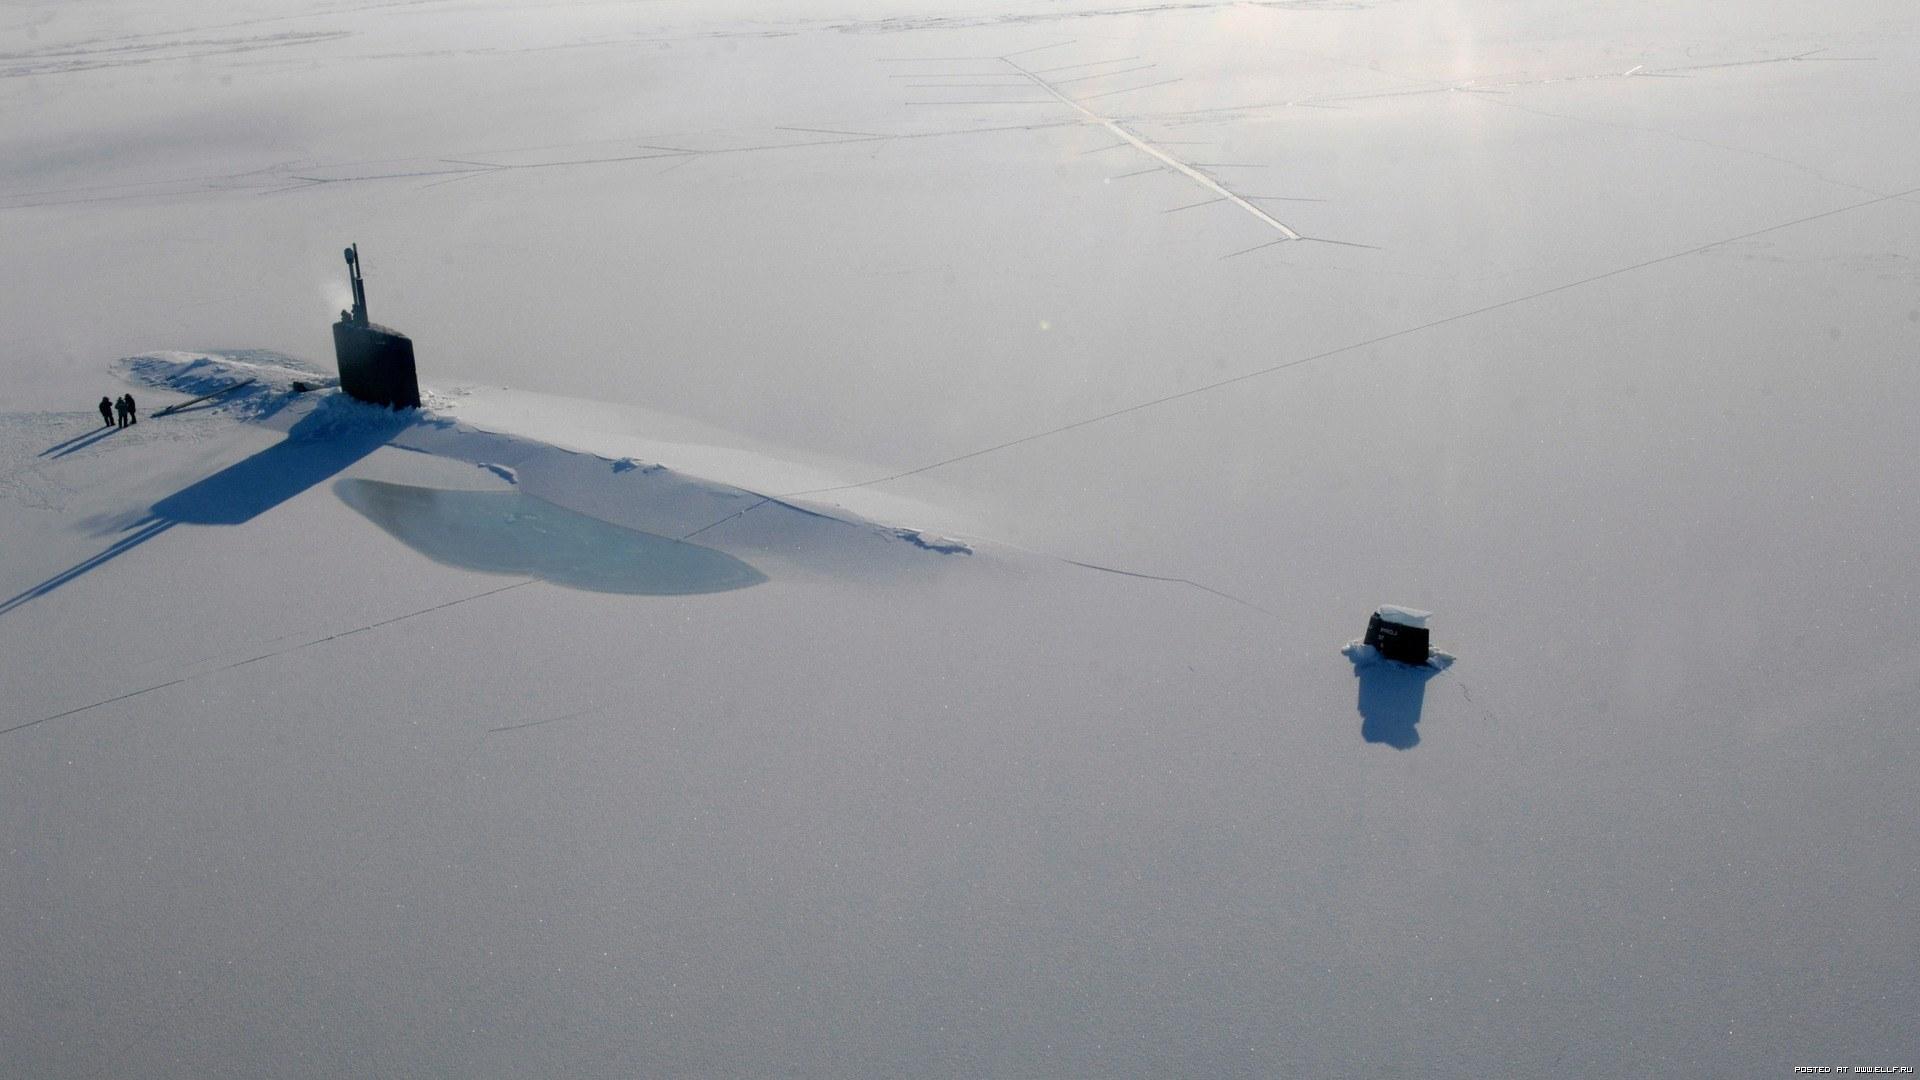 підводна лодка, сніг, лід